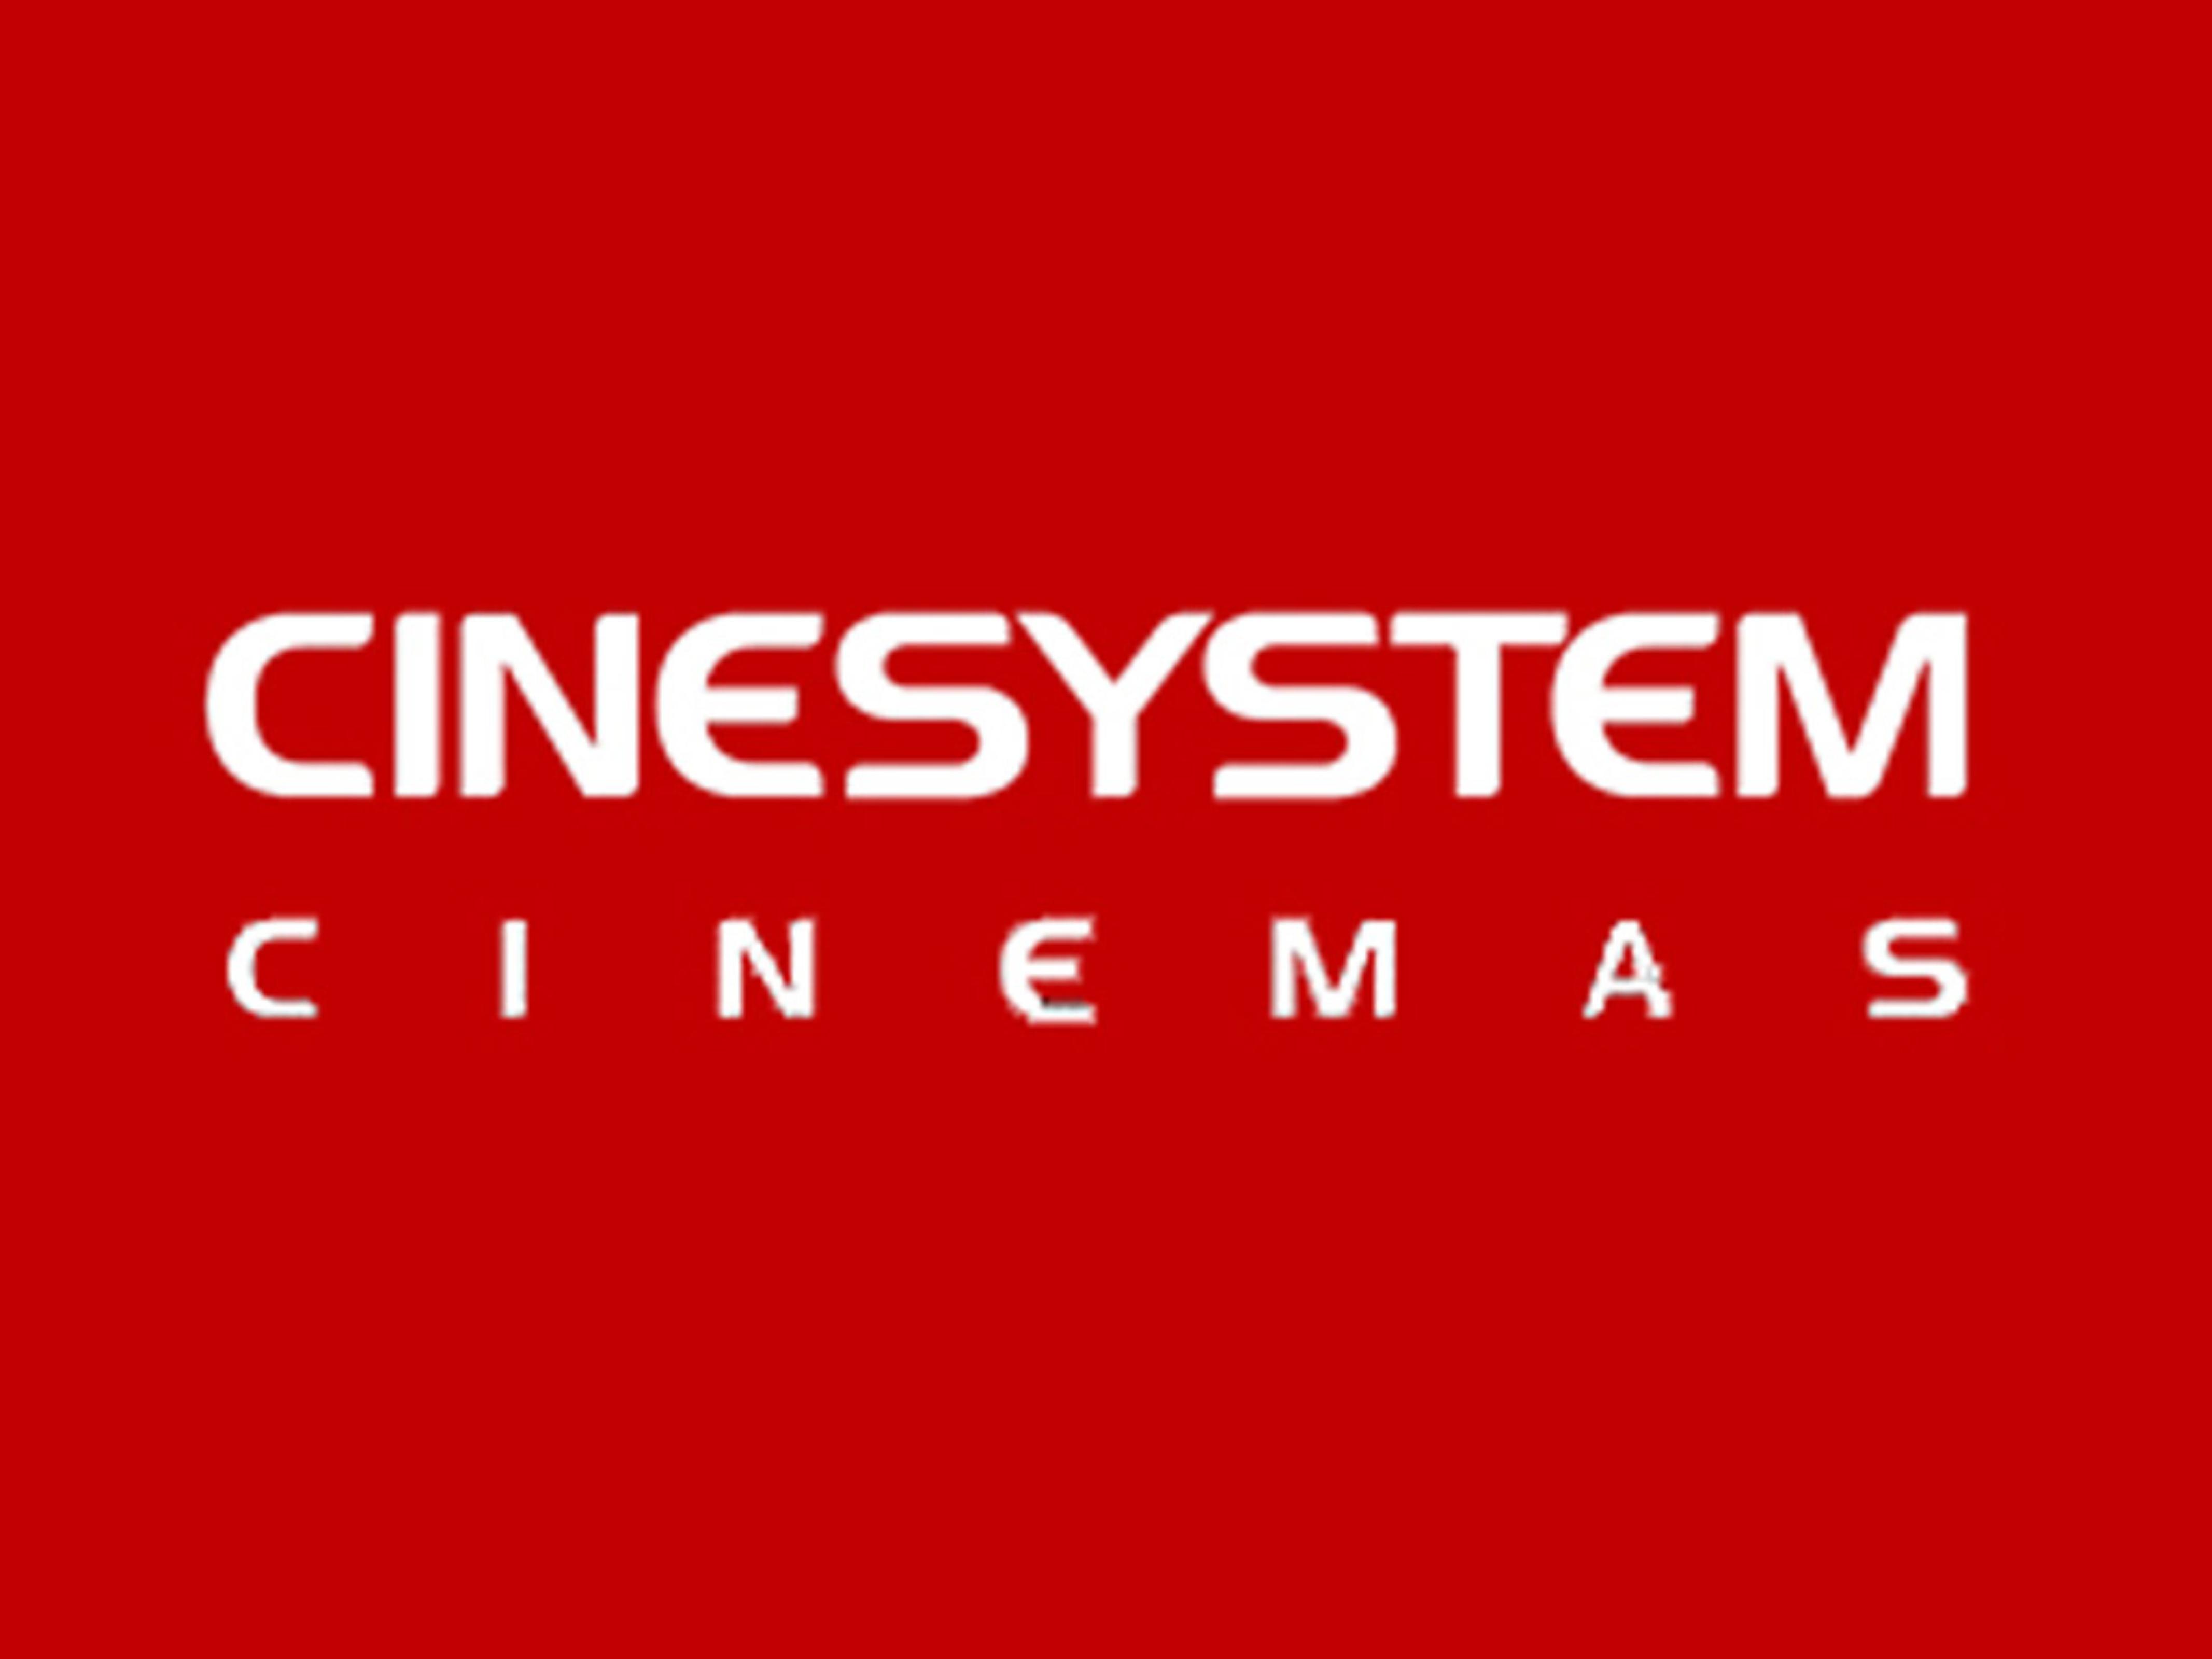 logo cinesystem